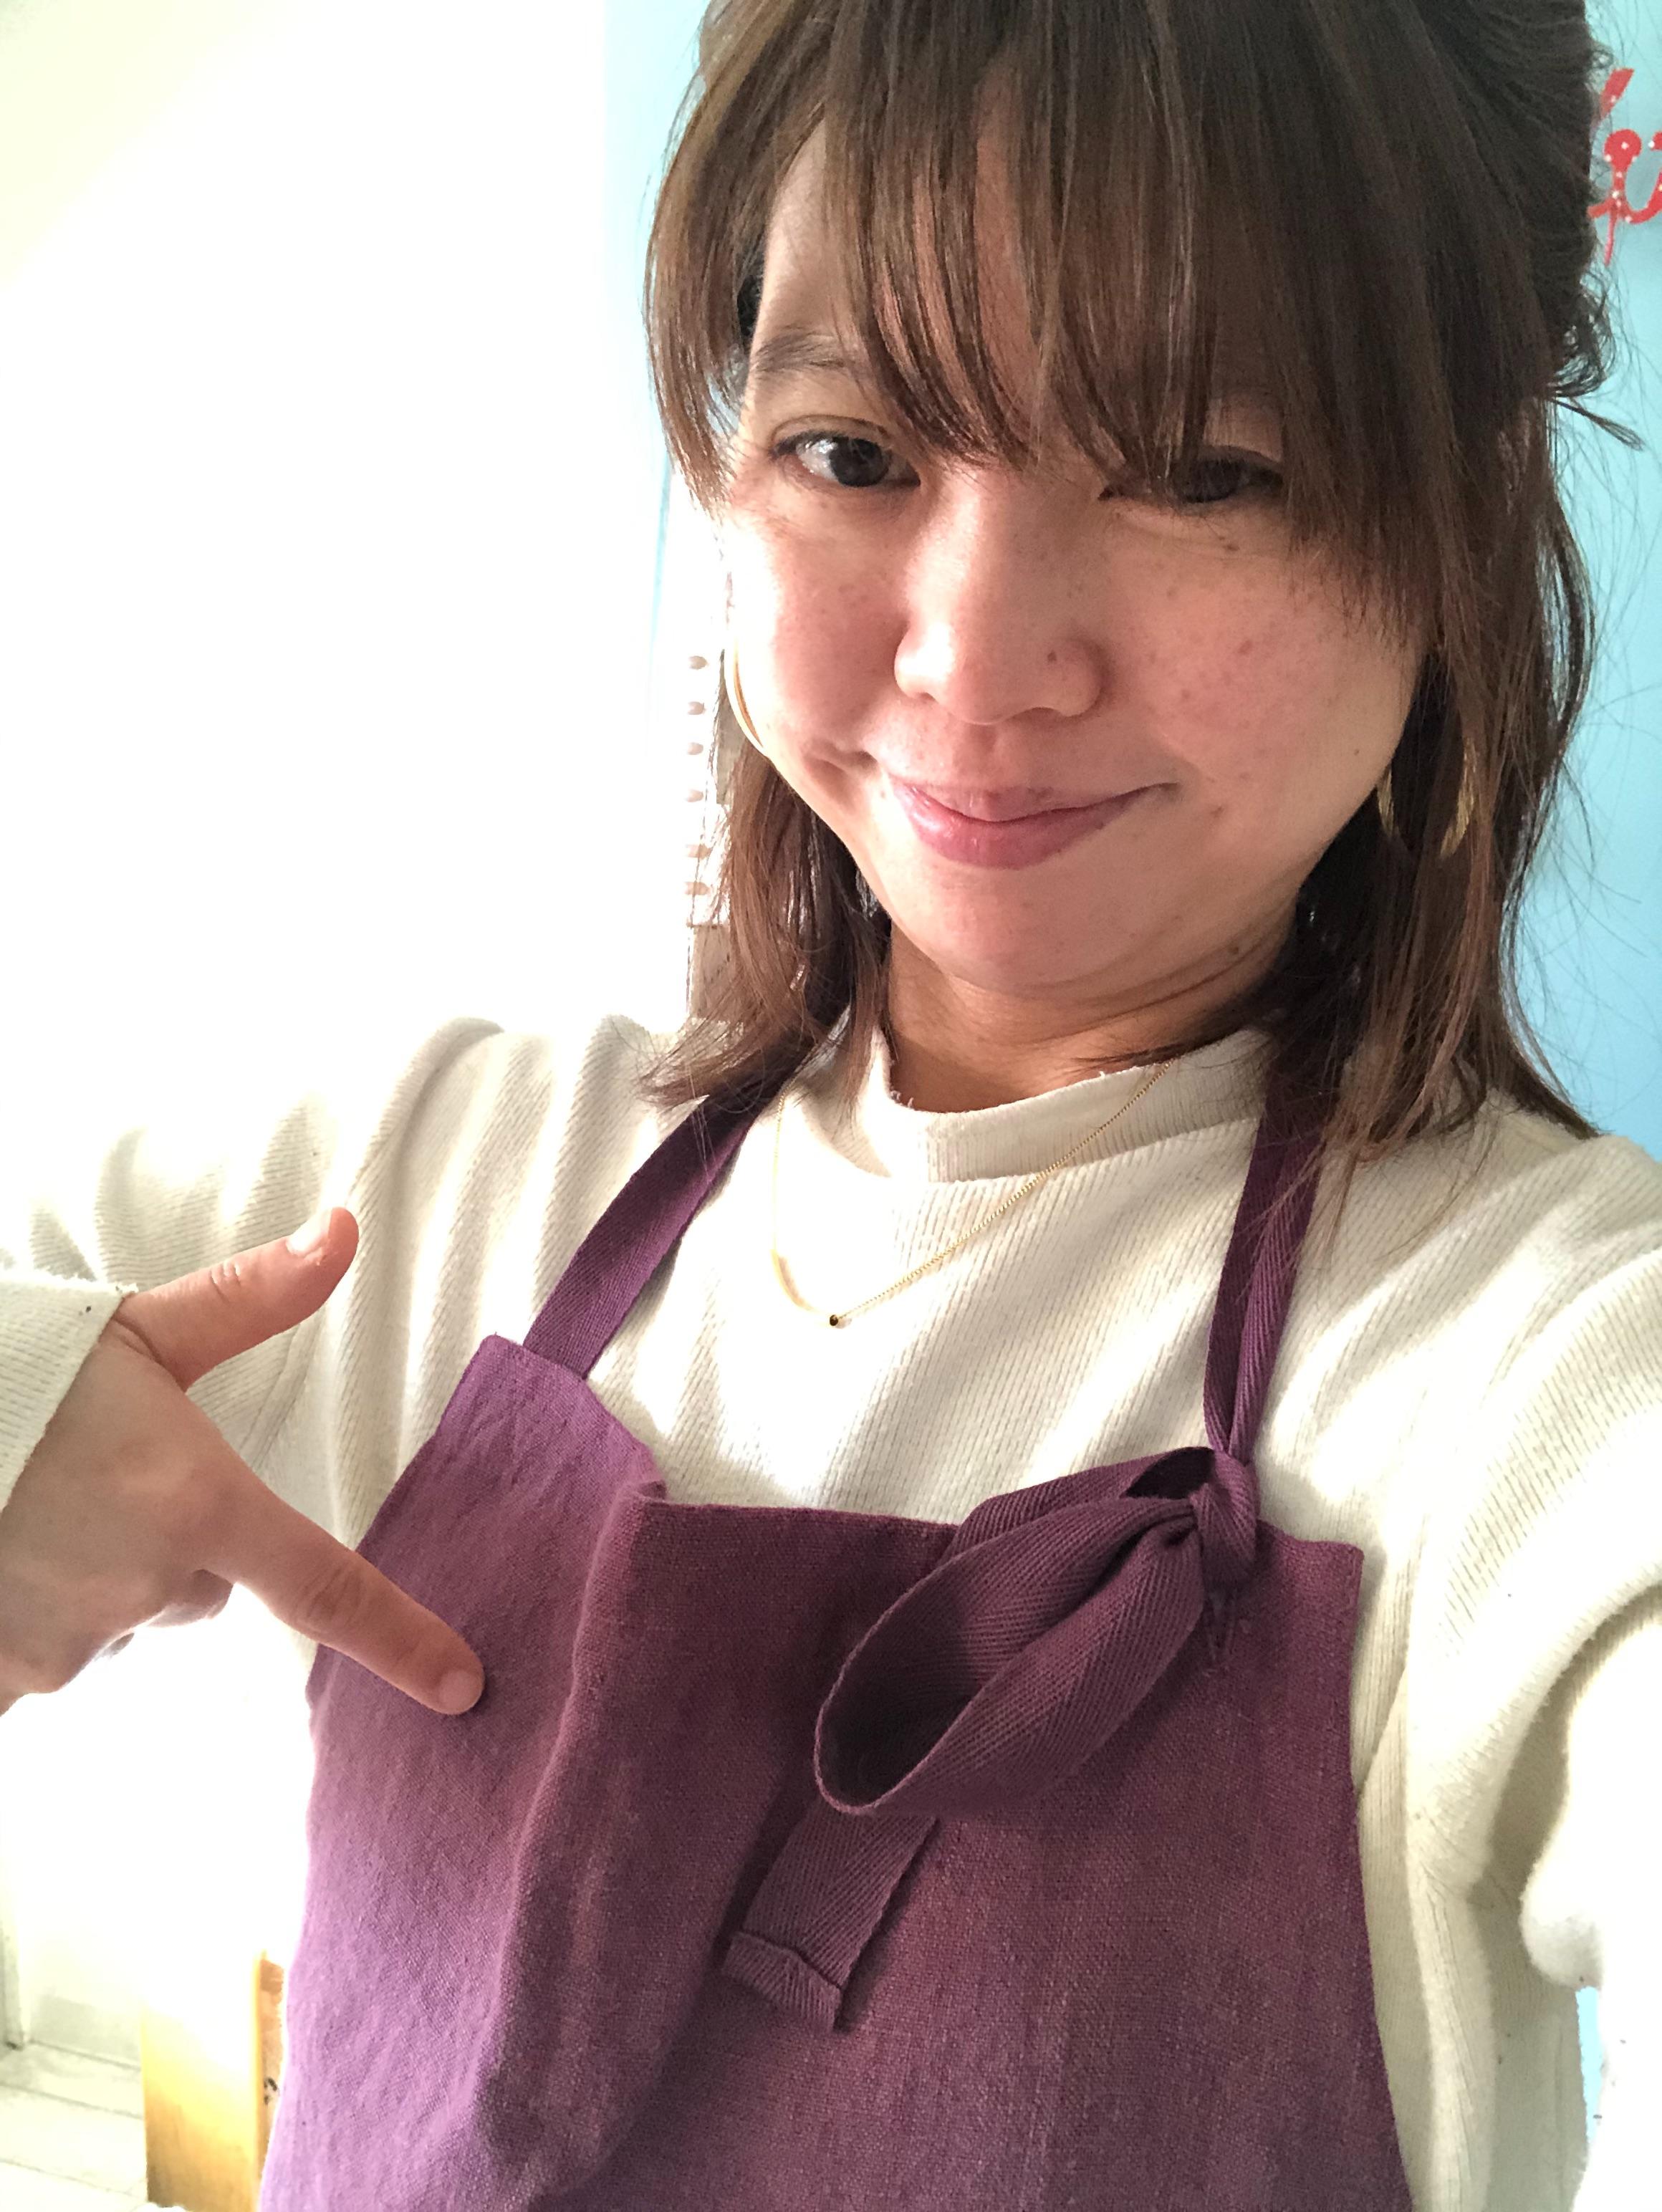 f:id:fujikana:20200415181756j:image